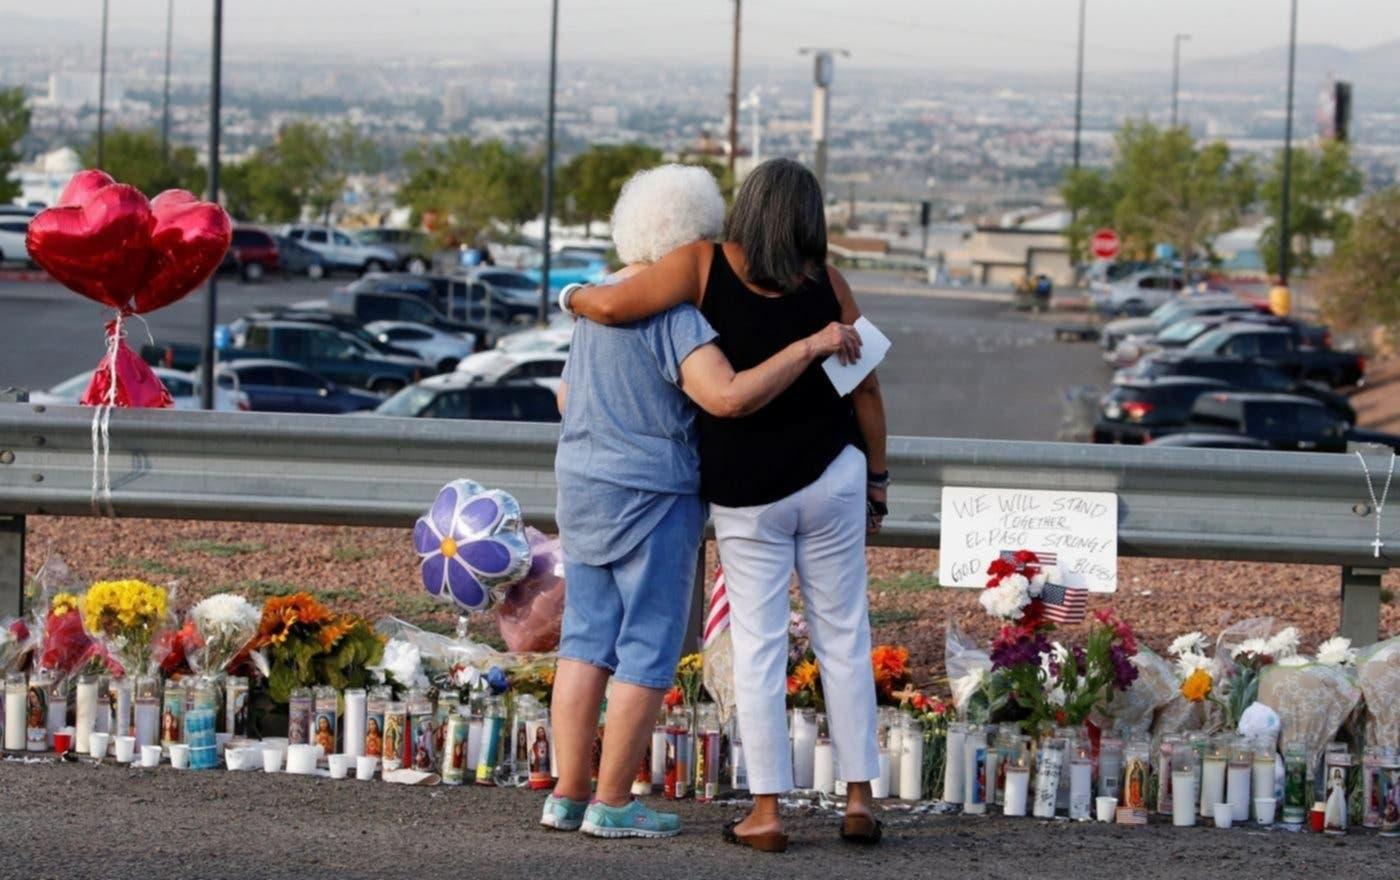 Se eleva a 31 la cifra de víctimas por dos tiroteos en EEUU